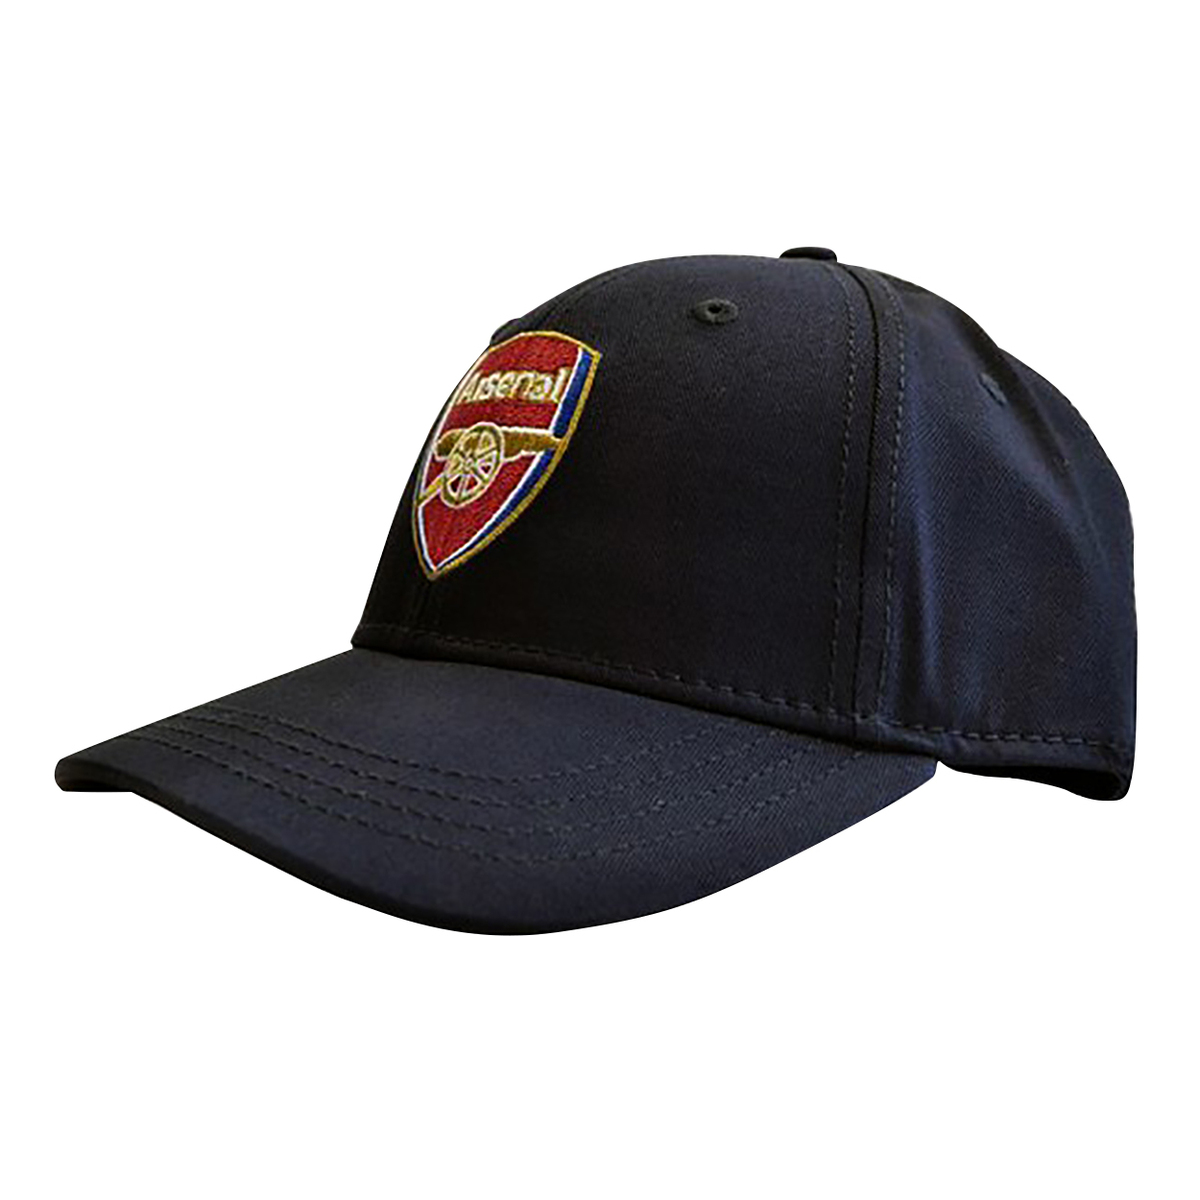 サッカー ベースボールキャップ 早割クーポン ハット 野球帽 スポーツ アーセナル フットボールクラブ オフィシャル商品 売店 Arsenal 帽子 キャップ Core 海外直送 FC